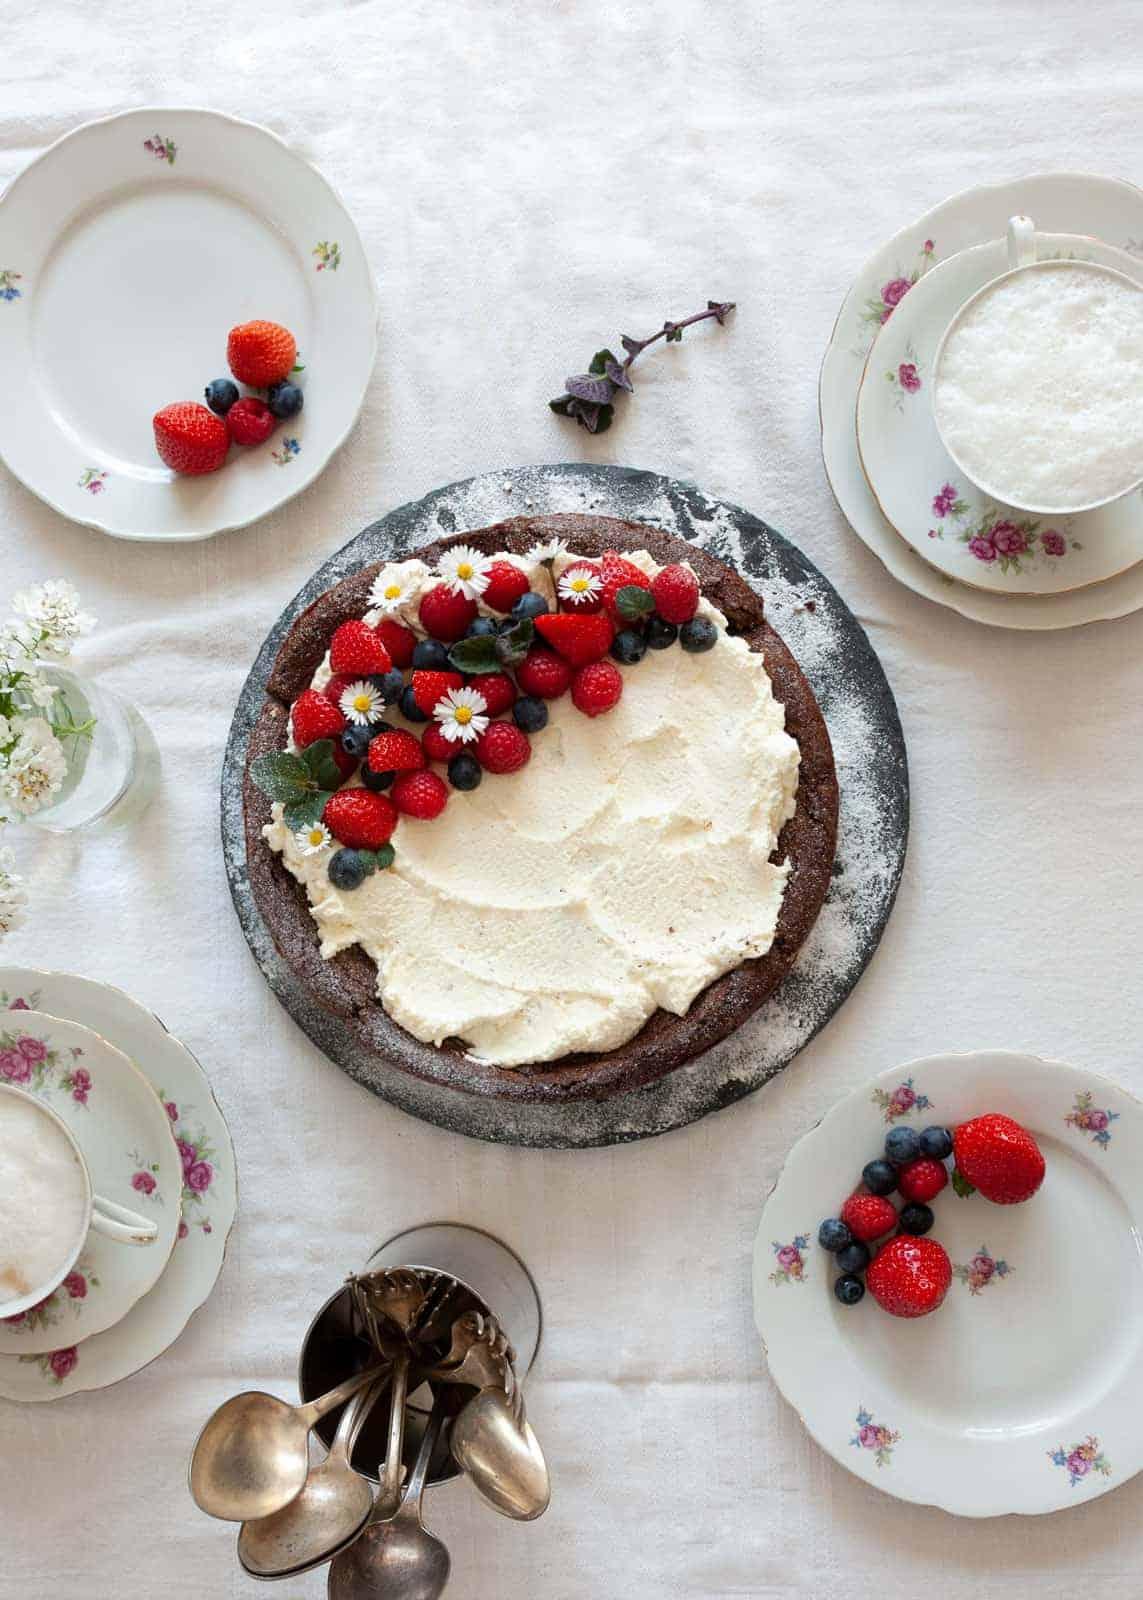 Torta cioccolatino – Dieser Kuchen zergeht auf die Zunge wie Pralinen